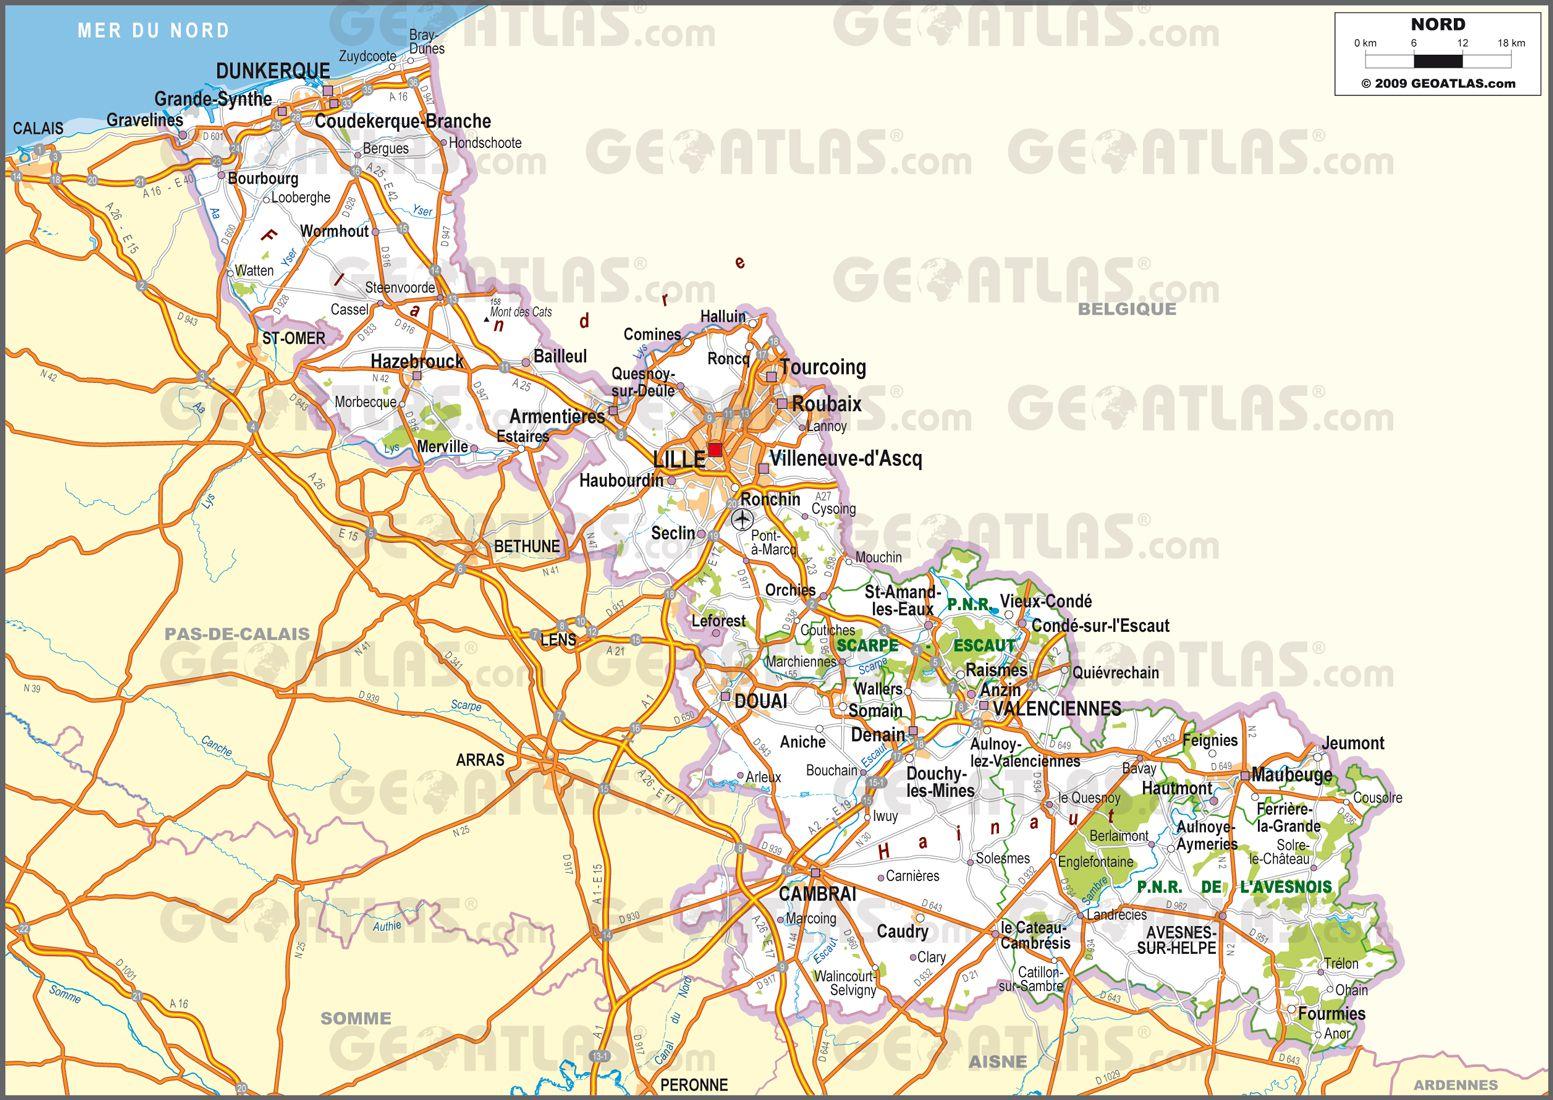 Carte routière du département Nord